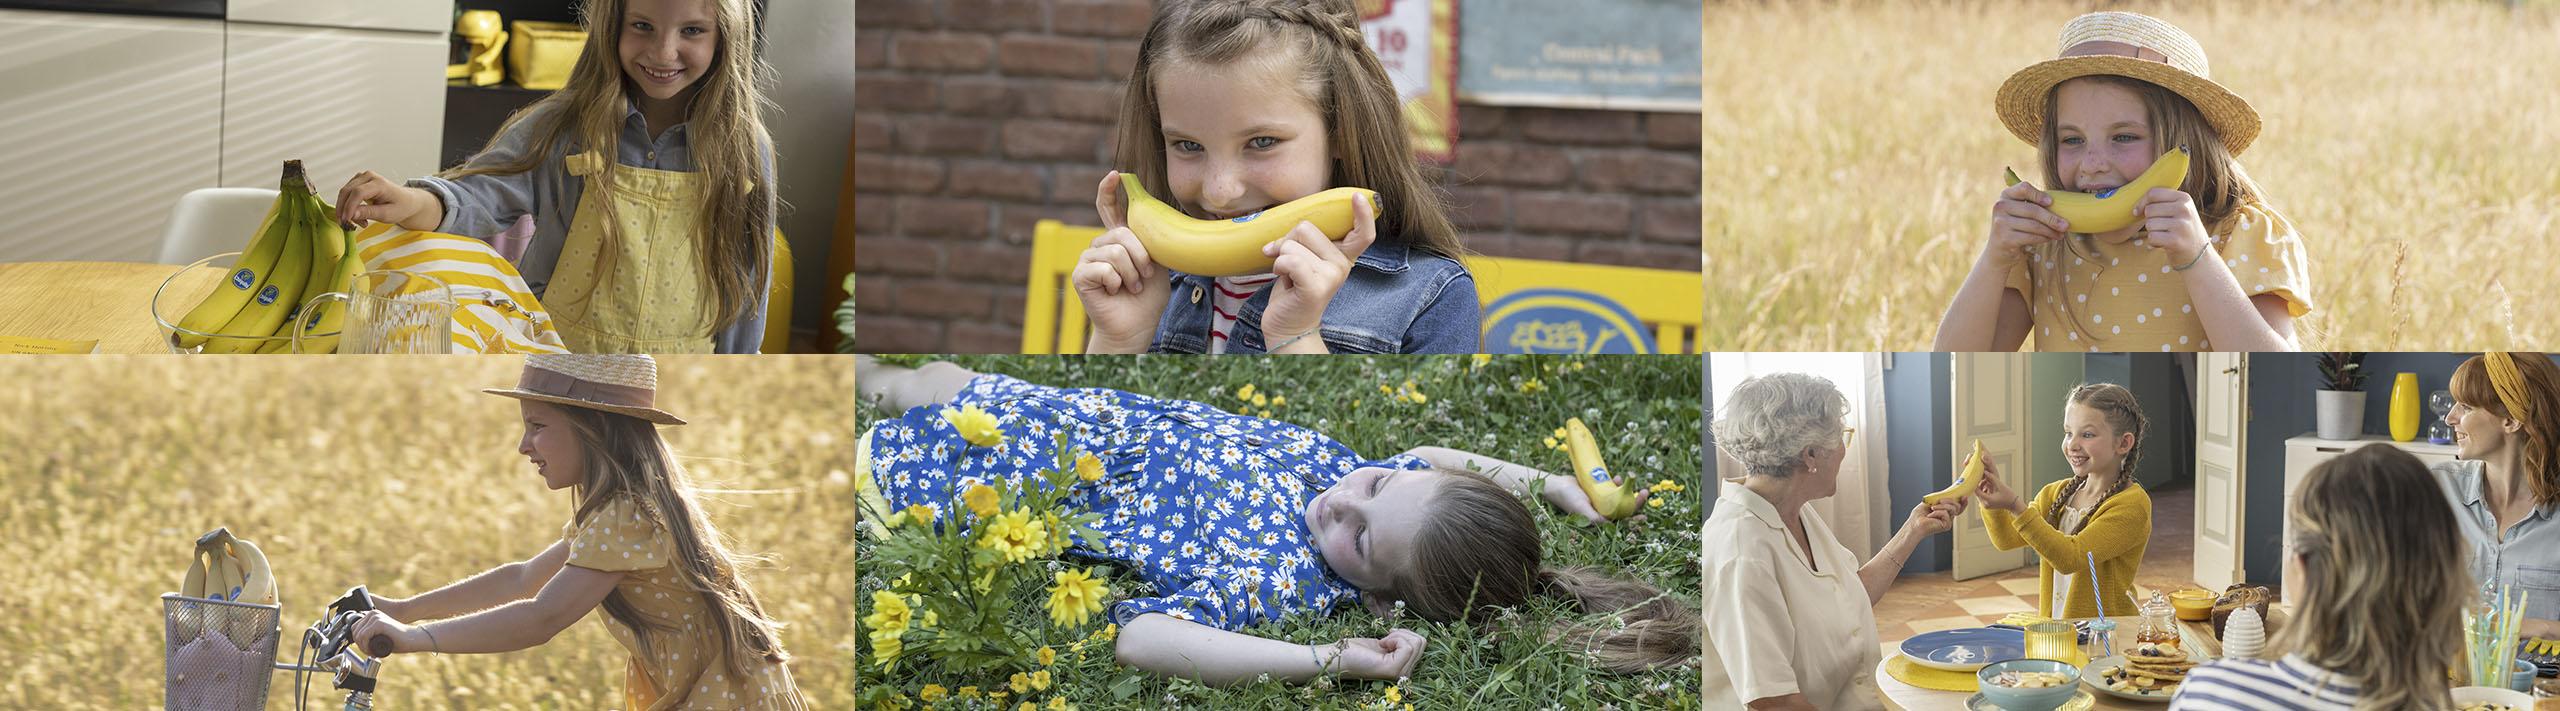 Yellow_Story_Banner_Website_Chiquita